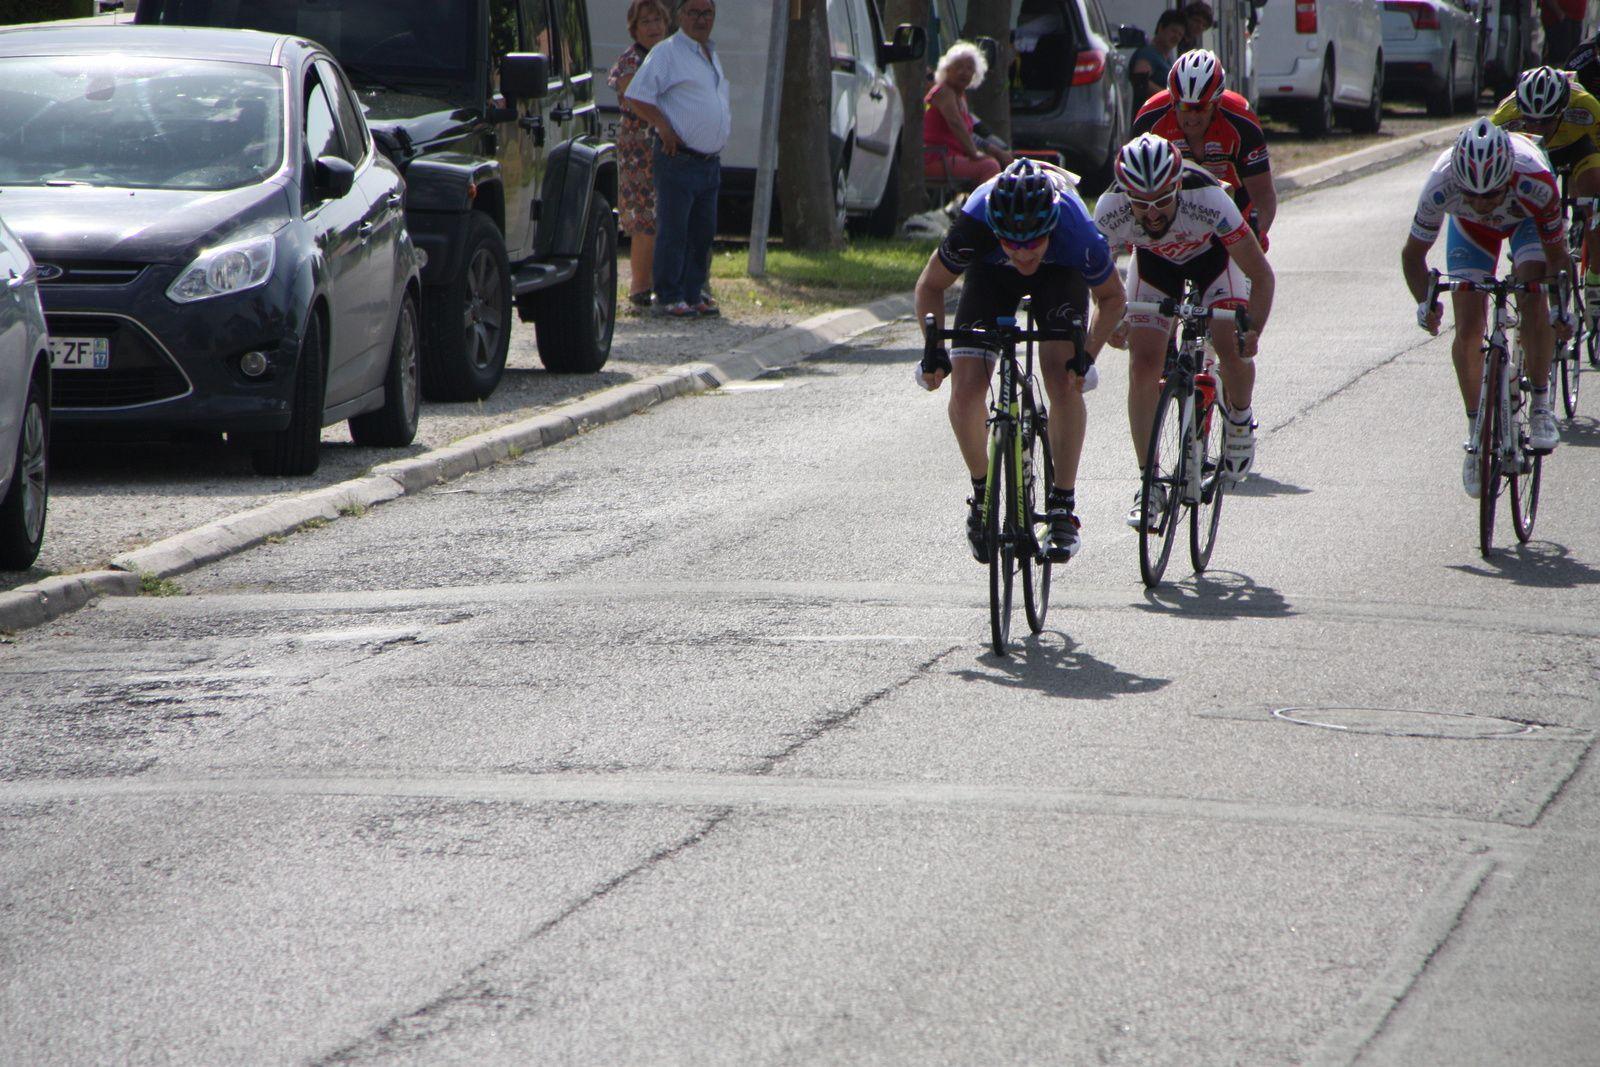 L'arrivée  au  sprint  et  la  victoire du  jeune  coureur  du  Côte  de  Beauté C  Valentin  LIGNERON